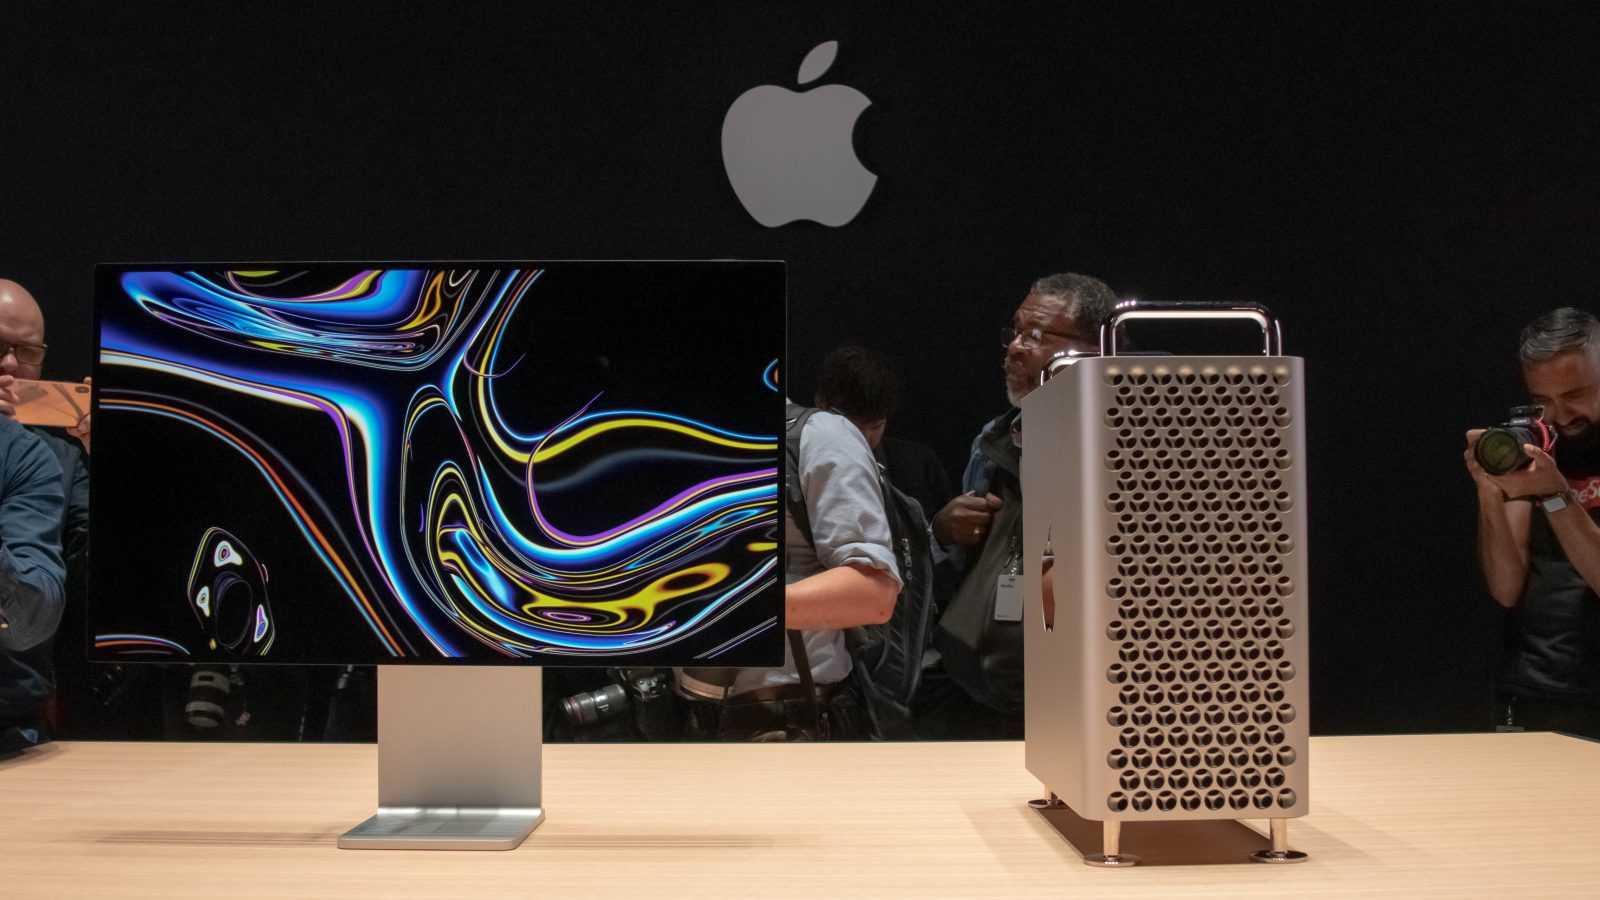 Совсем скоро apple представит новый imac. но стоит ли его покупать?   appleinsider.ru